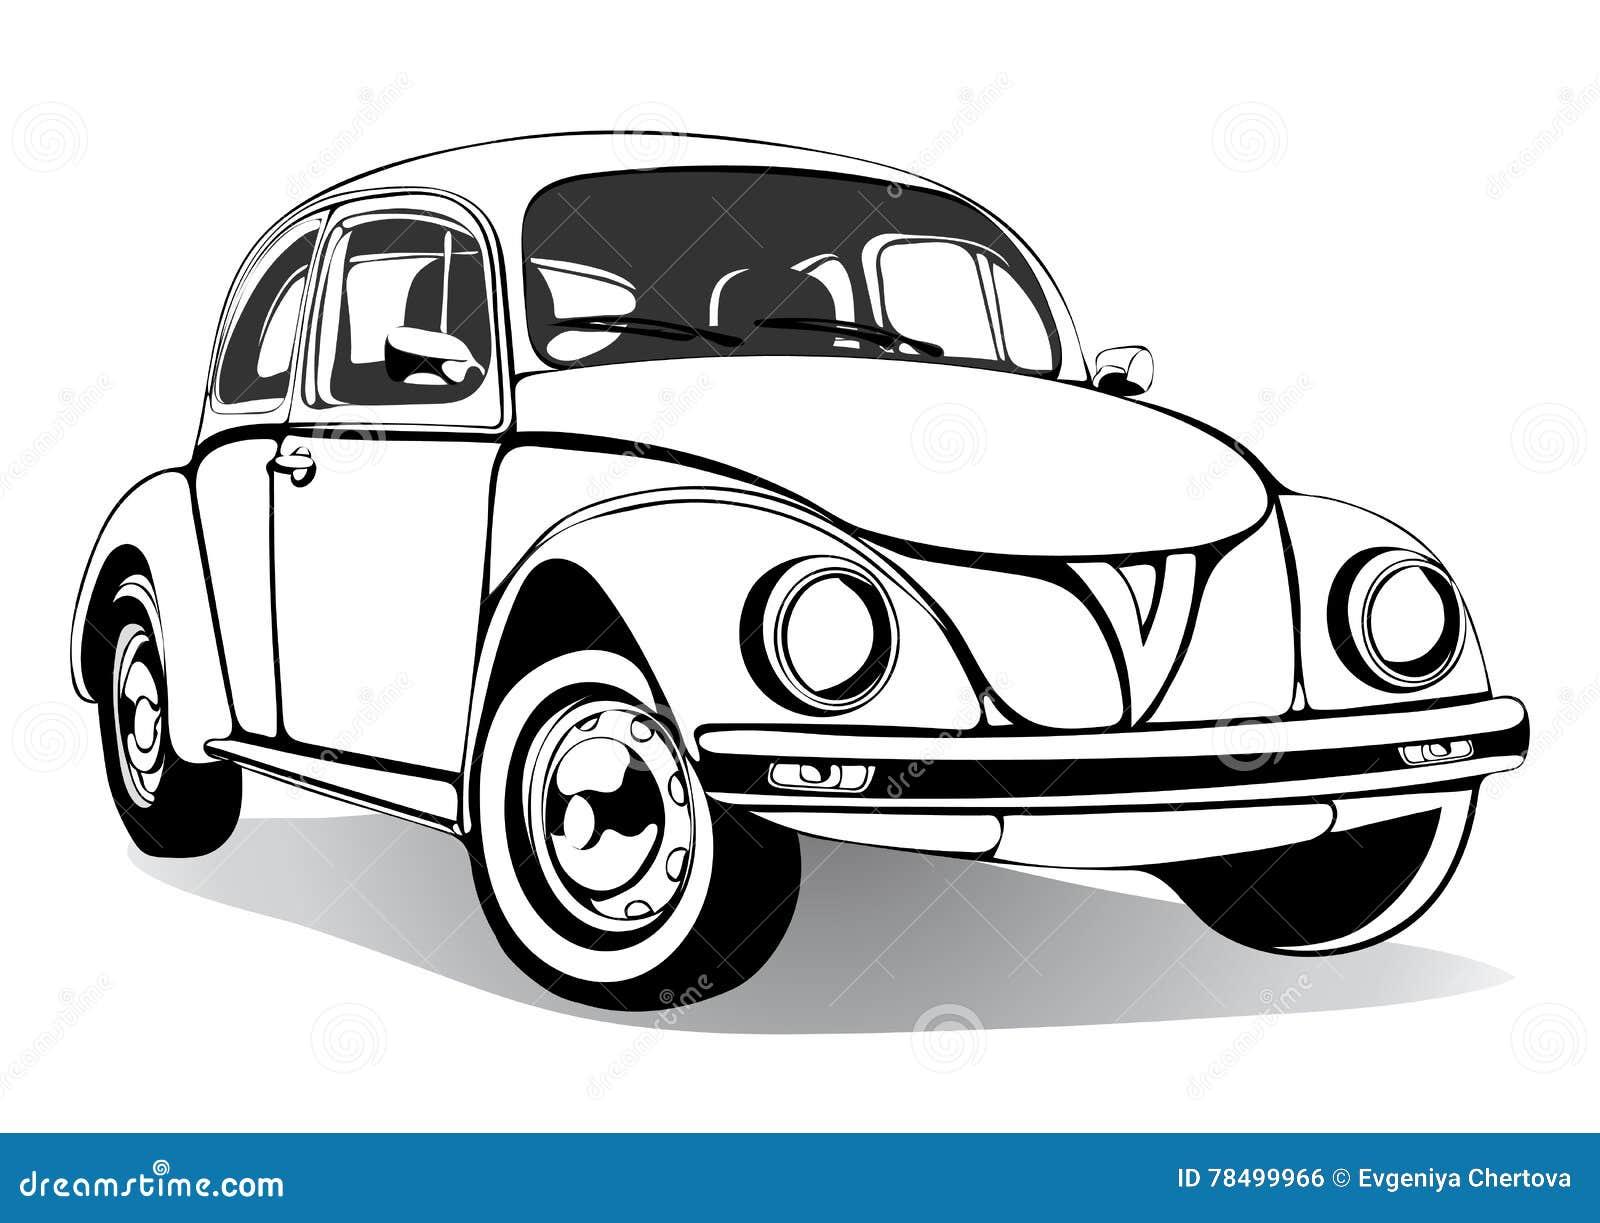 Croquis de voiture de vintage livre de coloriage dessin noir et blanc monochrome r tro - Coloriage noir et blanc ...